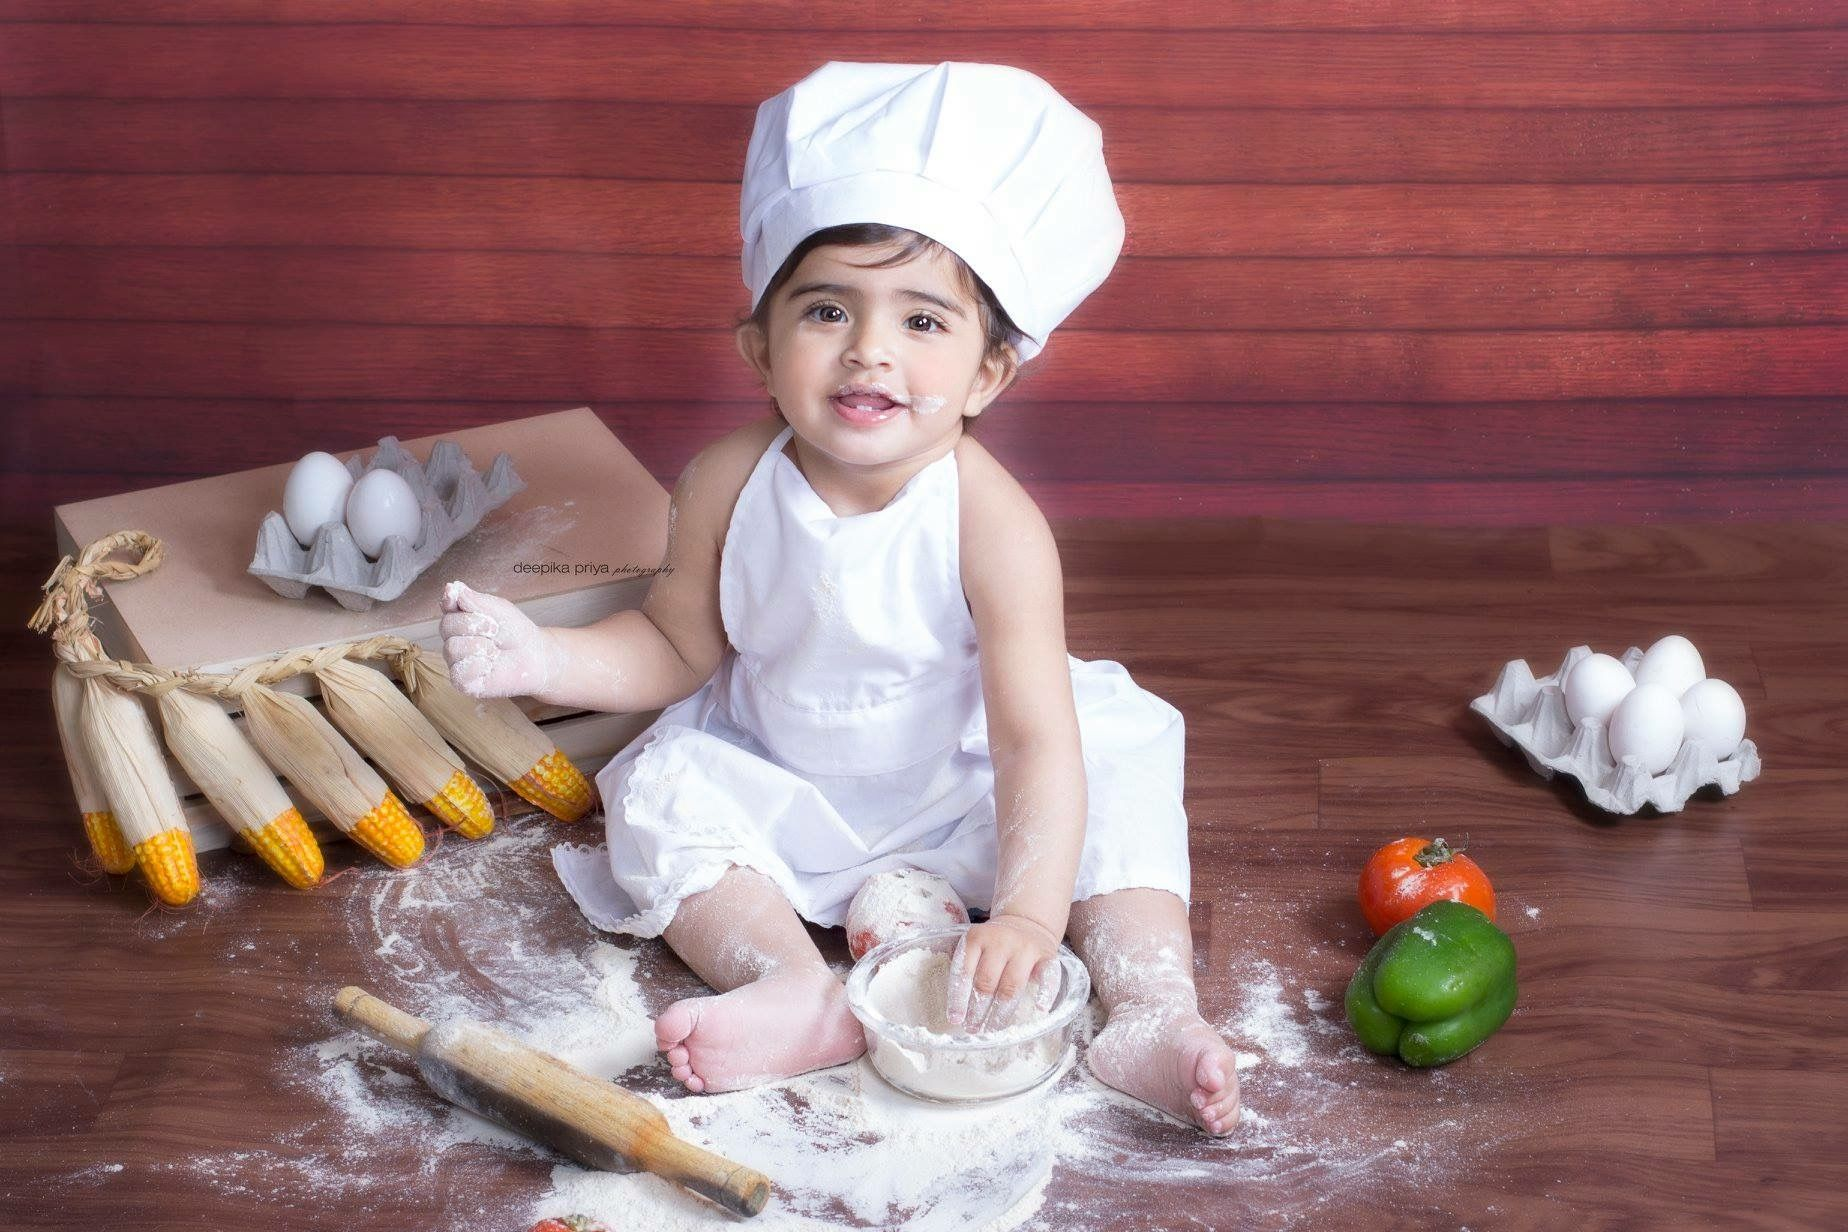 Chef set kids photography deepika priya photography deepika priya baby girl photoshoot